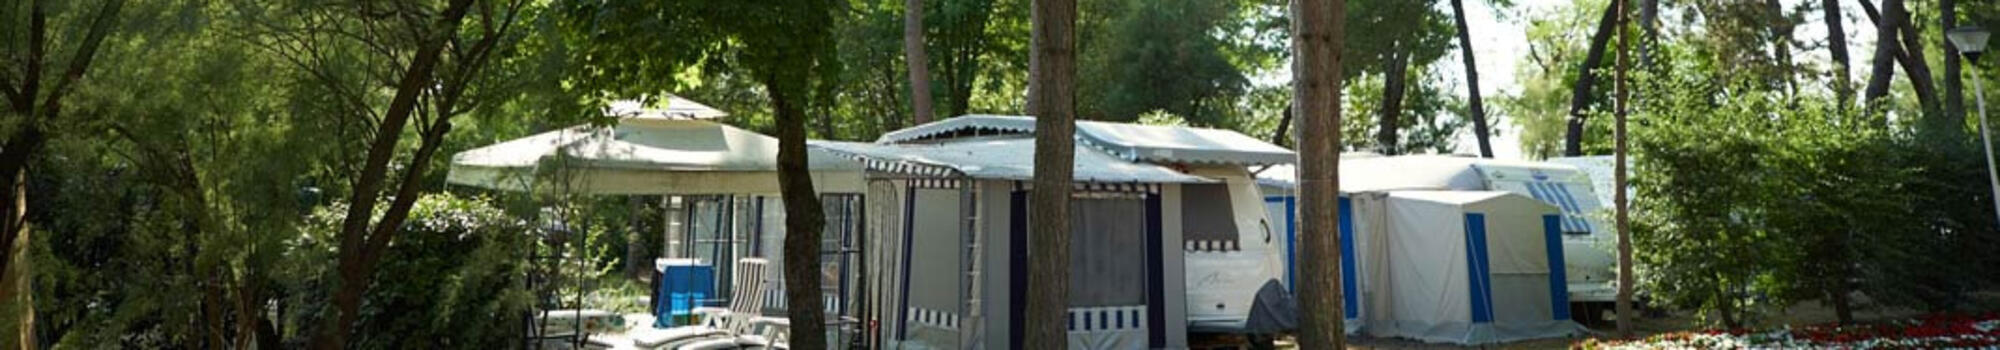 Julitilbud: Specielt standpladser på camping village i Bibione